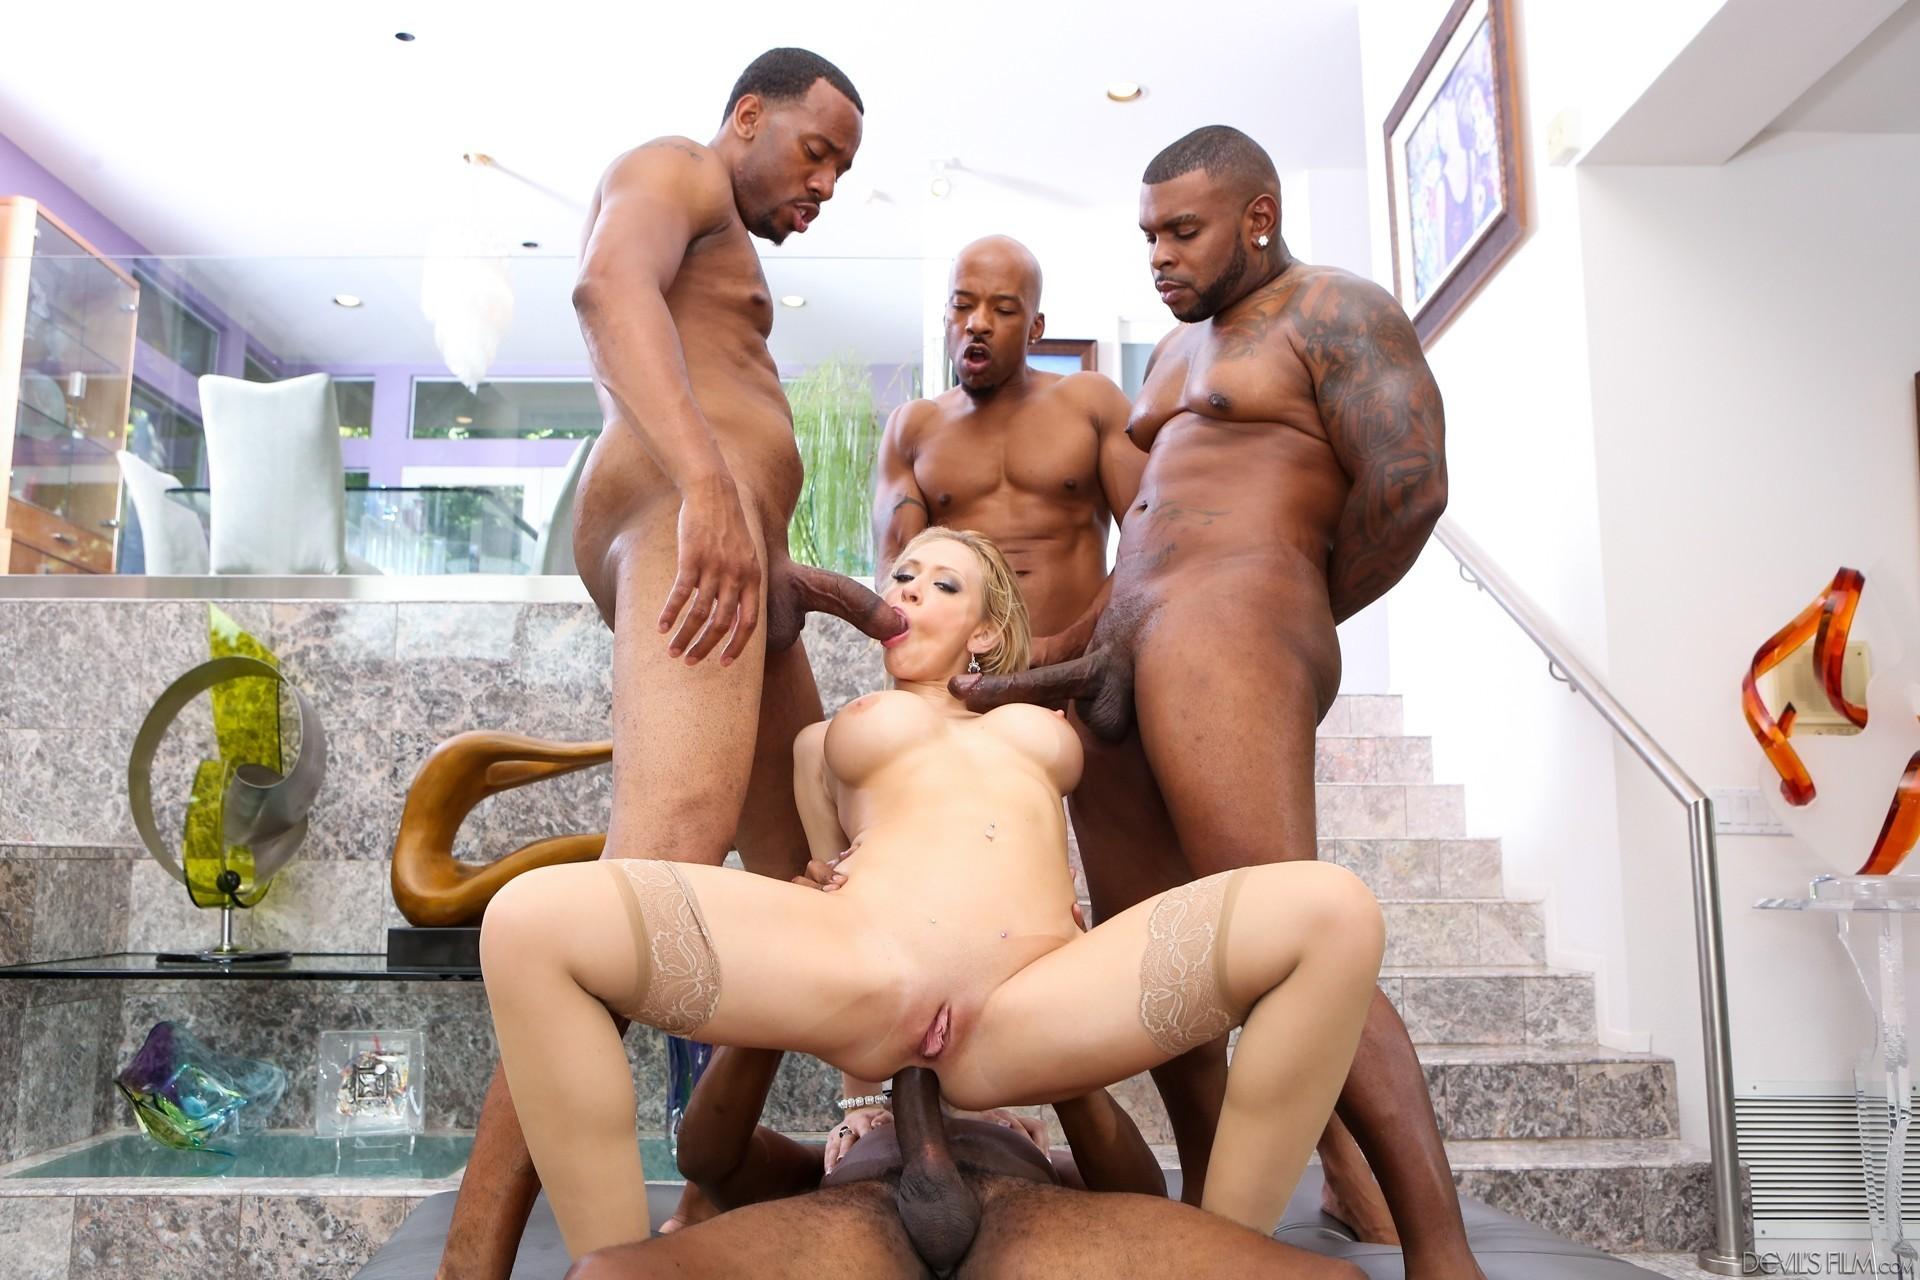 Смотреть порно три негра, Порно с неграми. Темнокожие парни трахают женщин 22 фотография